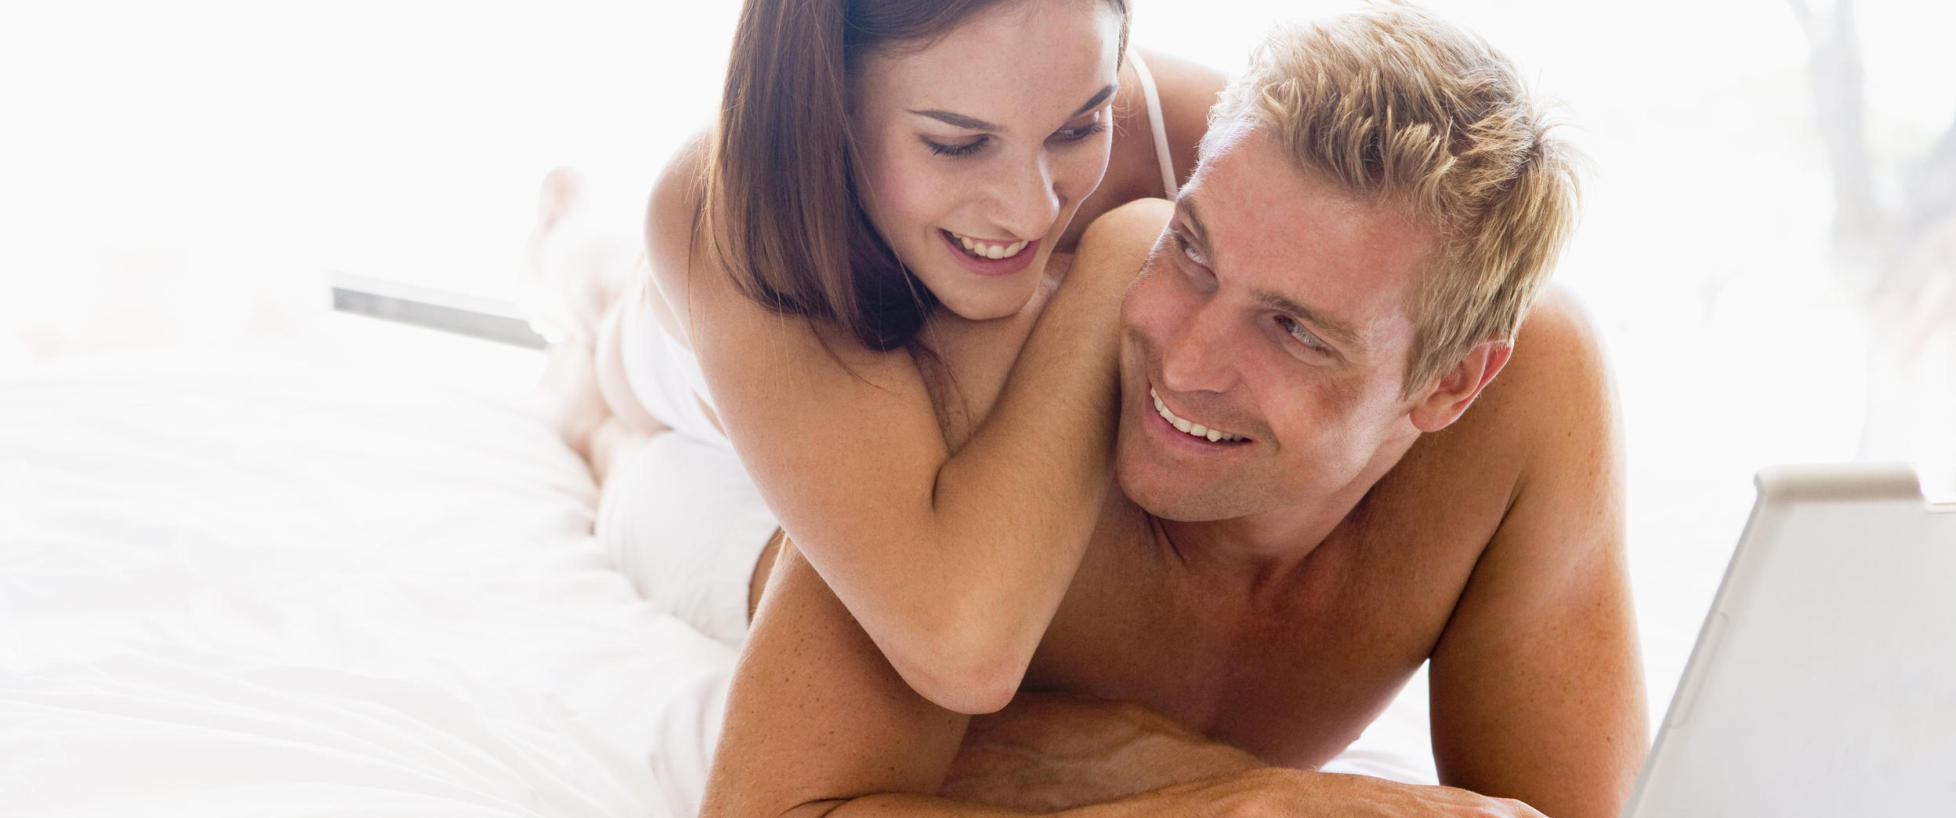 porno sex film kvinne søker sex